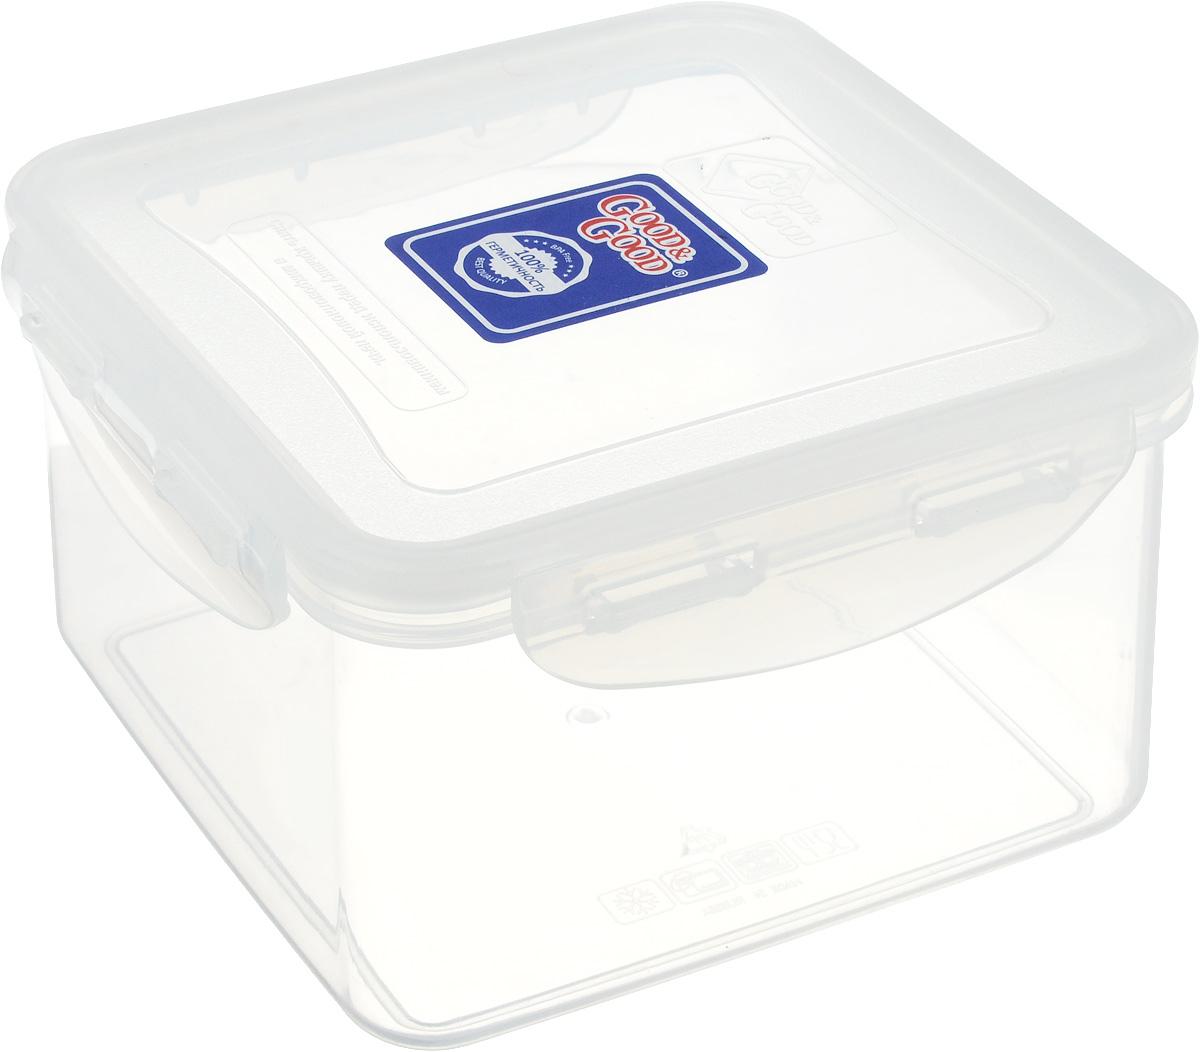 Контейнер Good&Good, цвет: прозрачный, 1,25 л21395599Квадратный контейнер Good&Good изготовлен из высококачественного полипропилена и предназначен для хранения пищевых продуктов. Не содержит BPA и абсолютно безвреден для здоровья. Благодаря особым технологиям изготовления, изделие в течение всего времени службы не меняет цвет и не пропитывается запахами. Крышка с силиконовой вставкой герметично защелкивается. Контейнер Good&Good удобен для ежедневного использования в быту.Можно мыть в посудомоечной машине, использовать в СВЧ при температуре не выше 100°С, пригоден для хранения в морозильной камере при температуре не ниже 20°С.